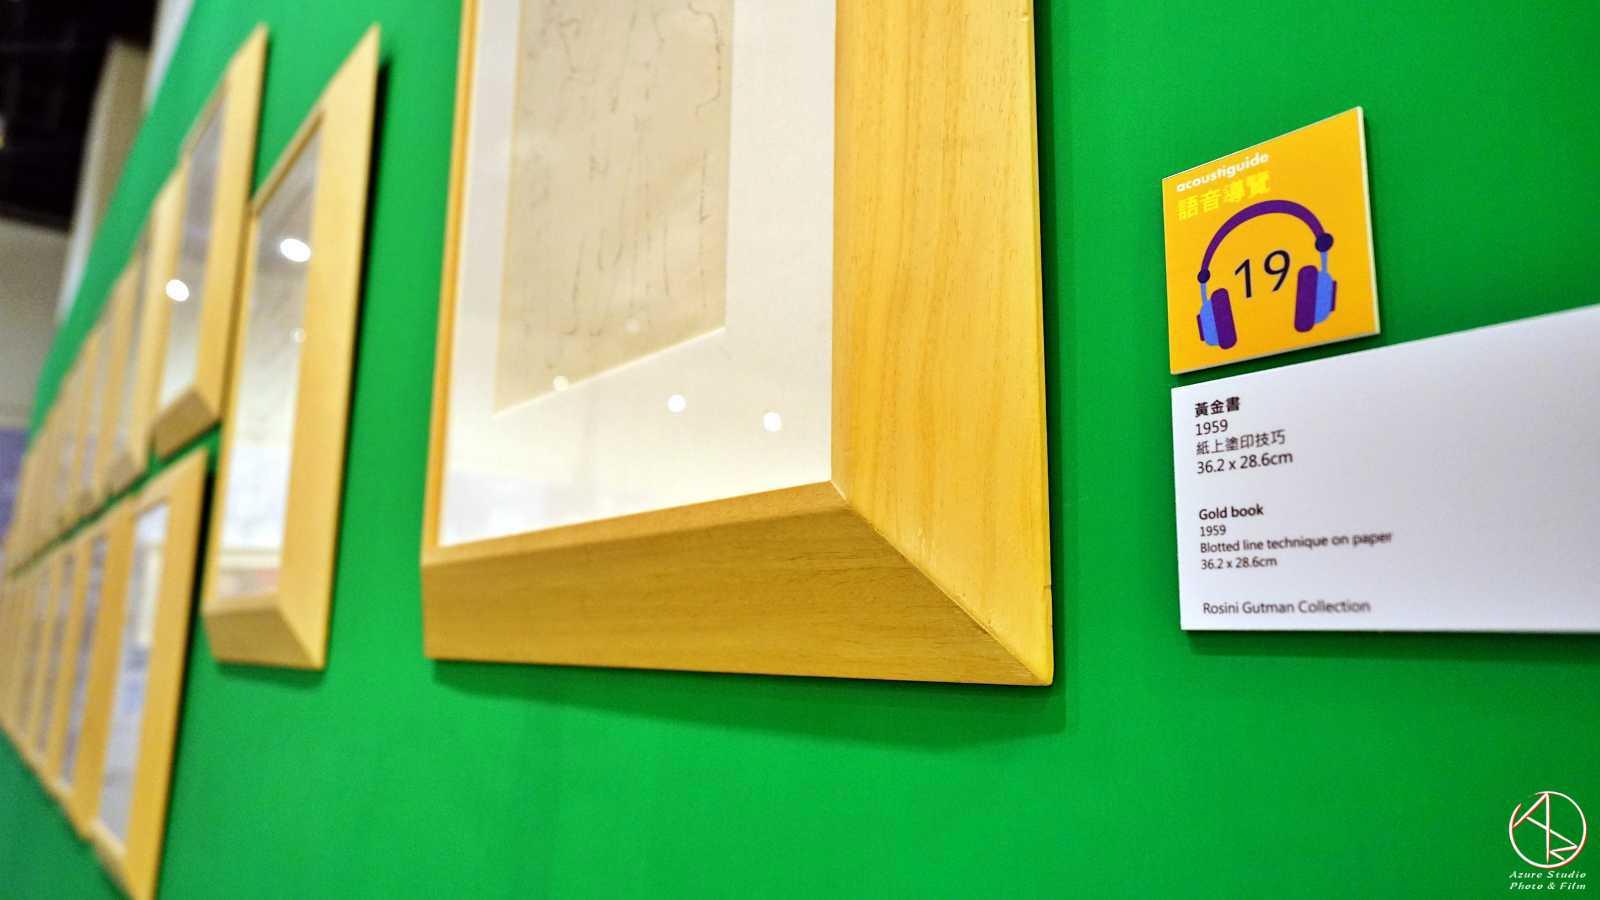 安迪沃荷普普狂想特展,看展心得,必看重點,創作手稿區